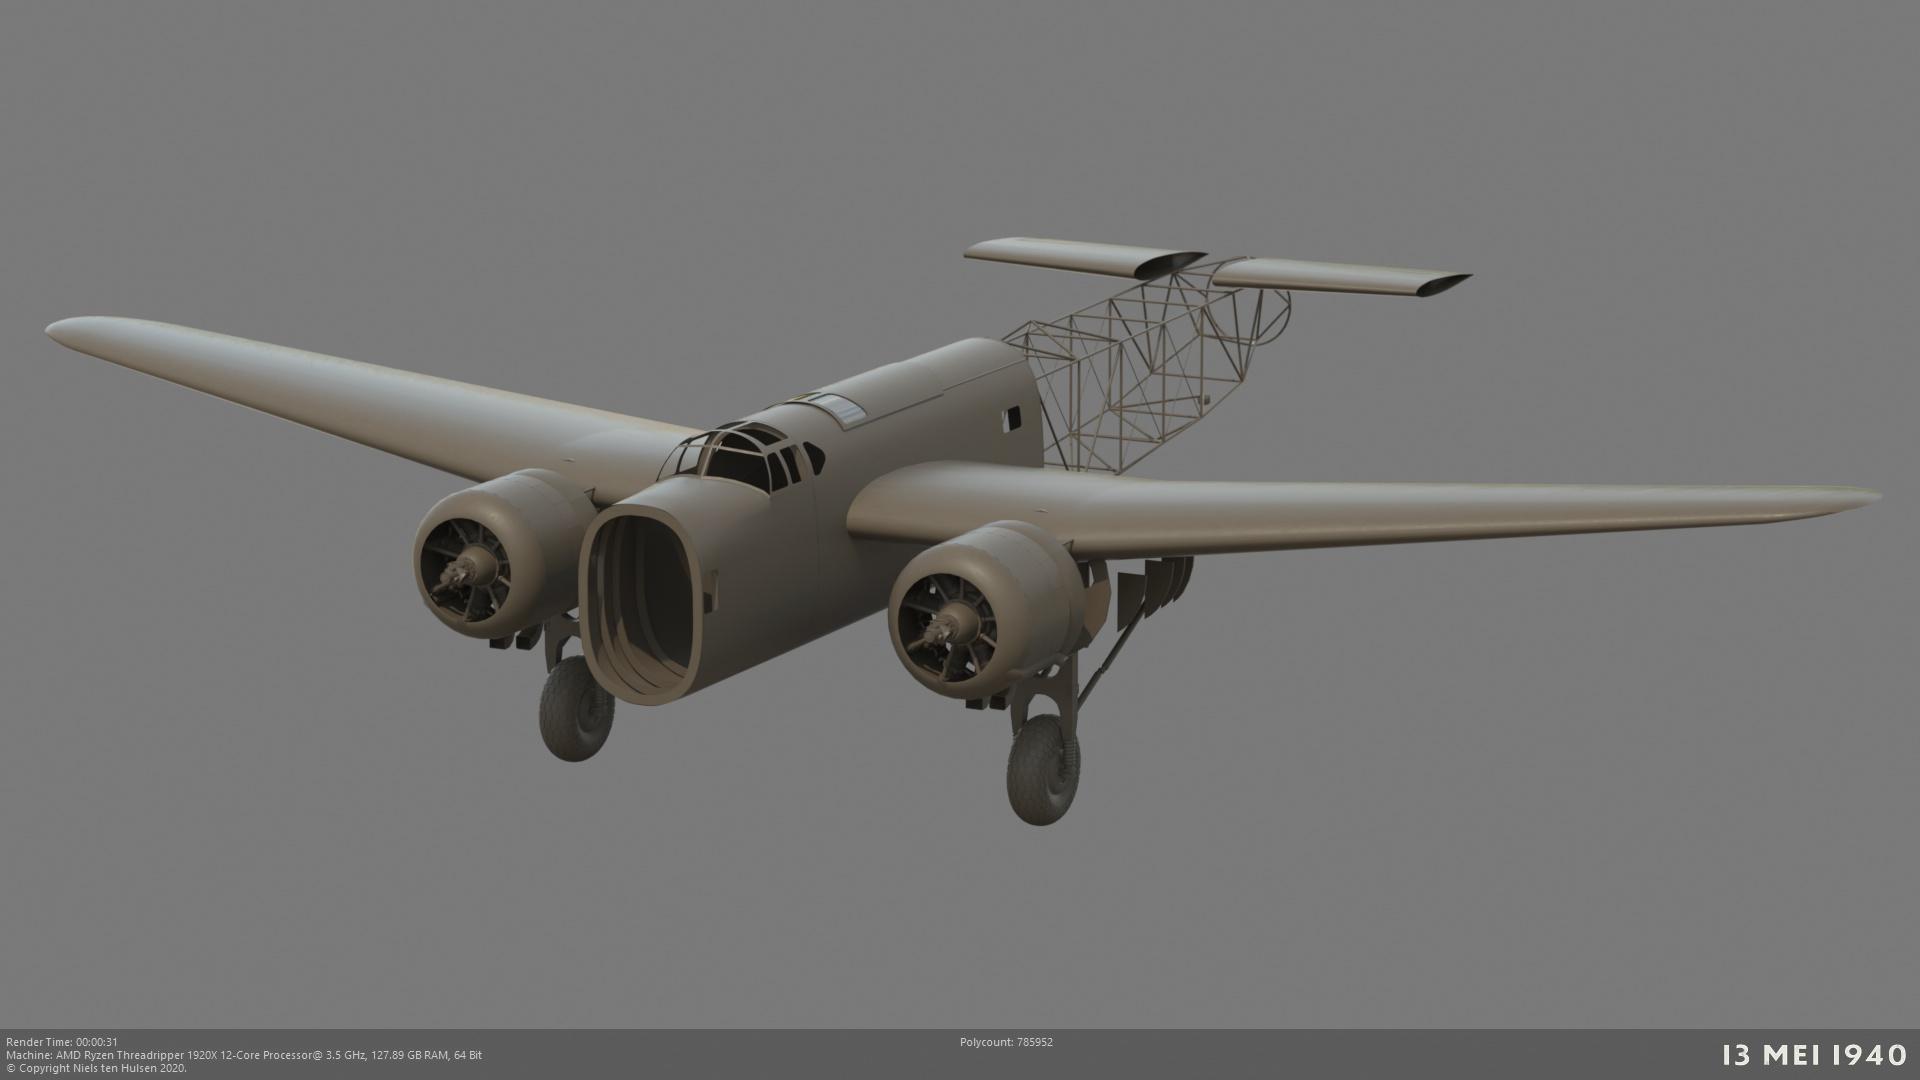 Naam: 001_FokkerT5_motor12.jpg Bekeken: 88 Grootte: 188,3 KB